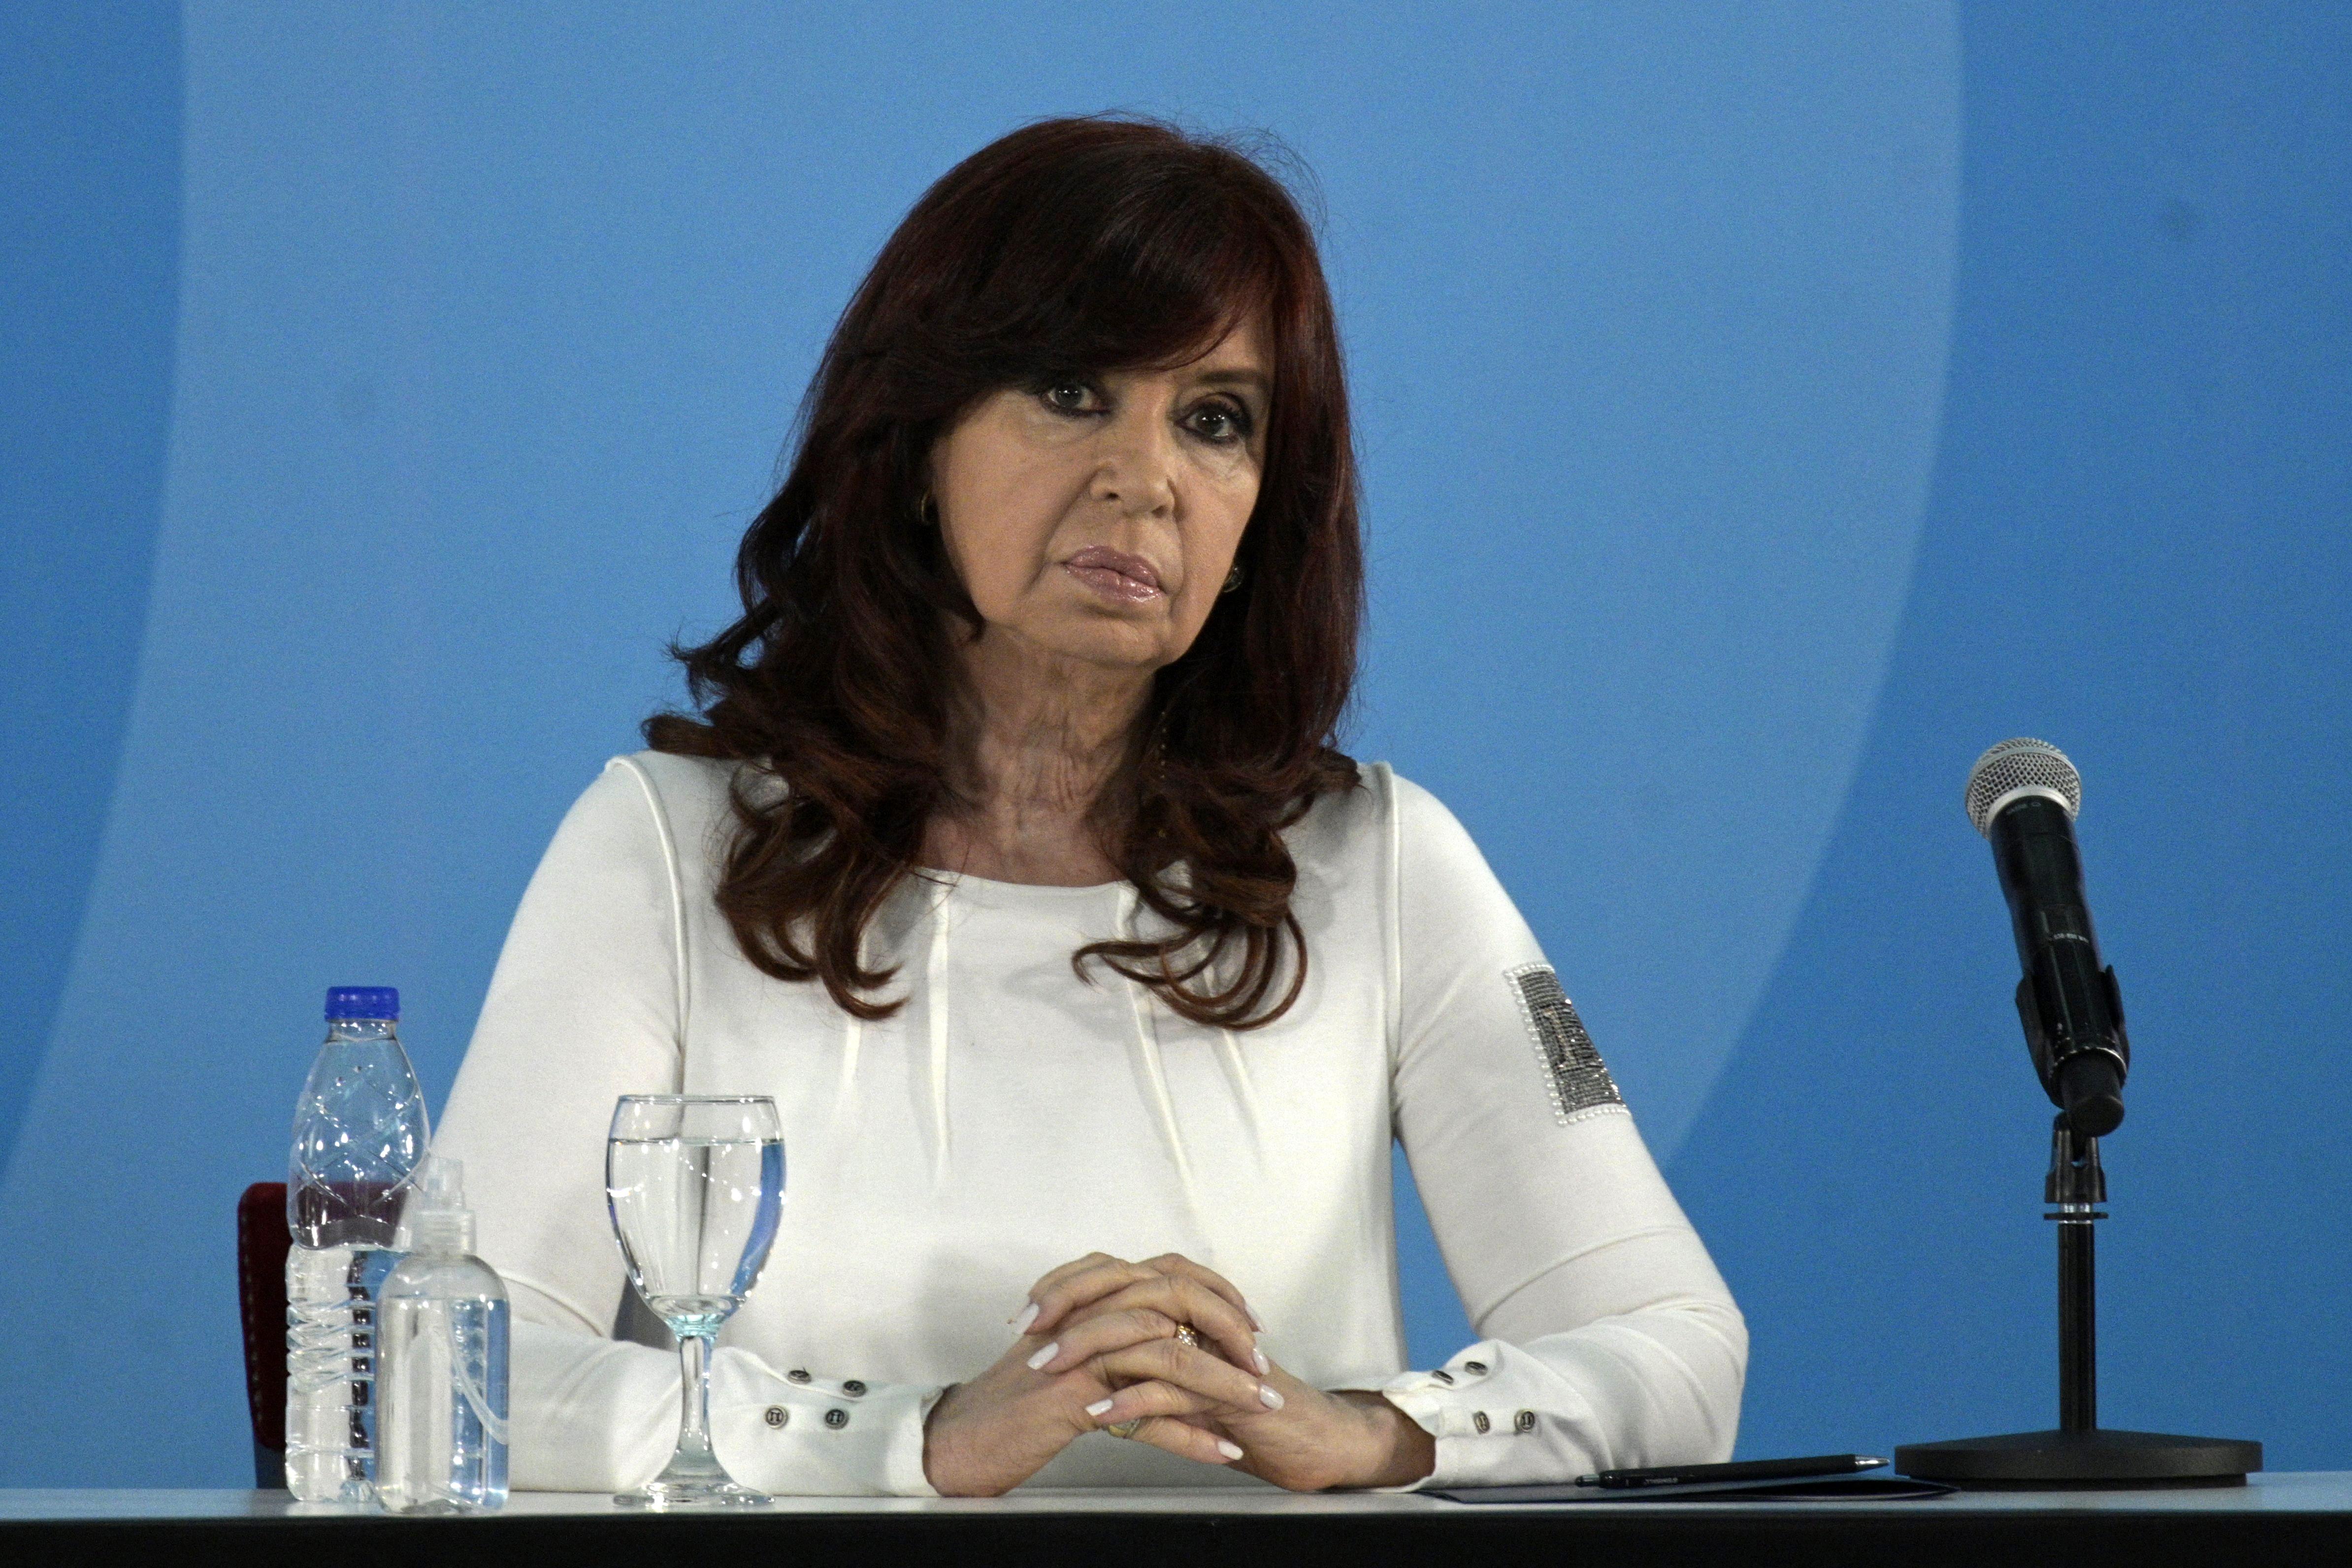 Ejtették a vádat a volt argentin elnök ügyében, akit egy terrortámadással hoztak kapcsolatba